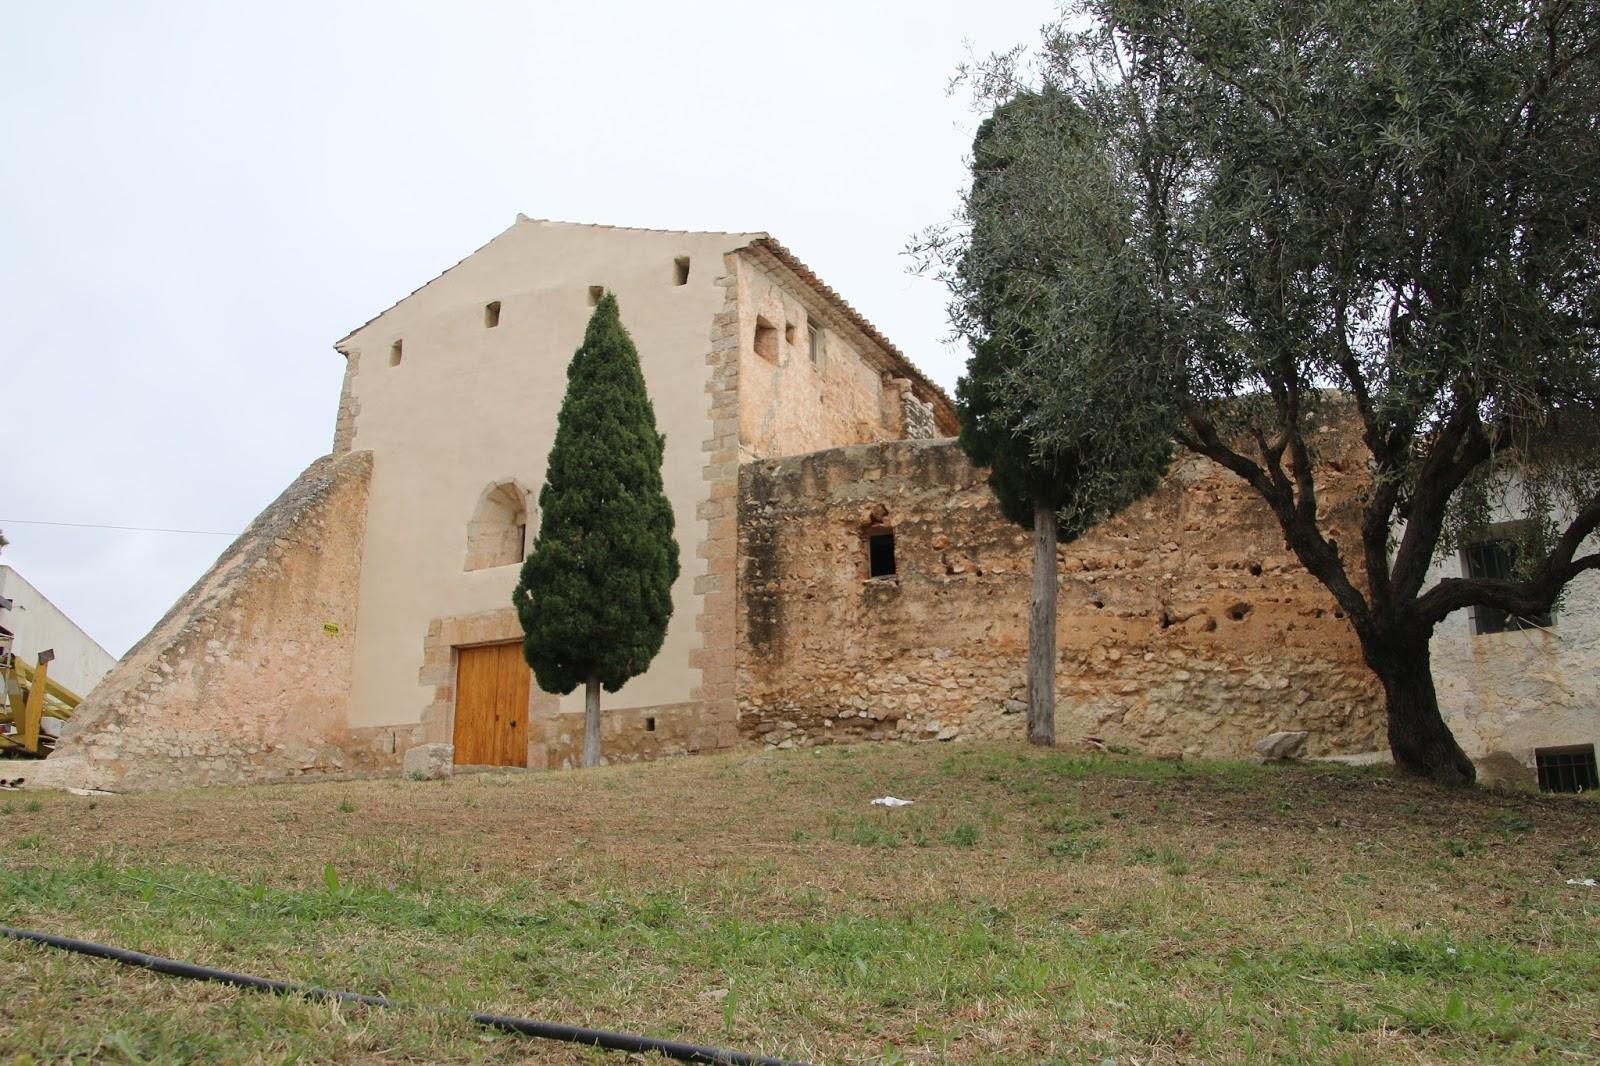 PUEBLOS Y LUGARES DE CASTELLON: Torreblanca